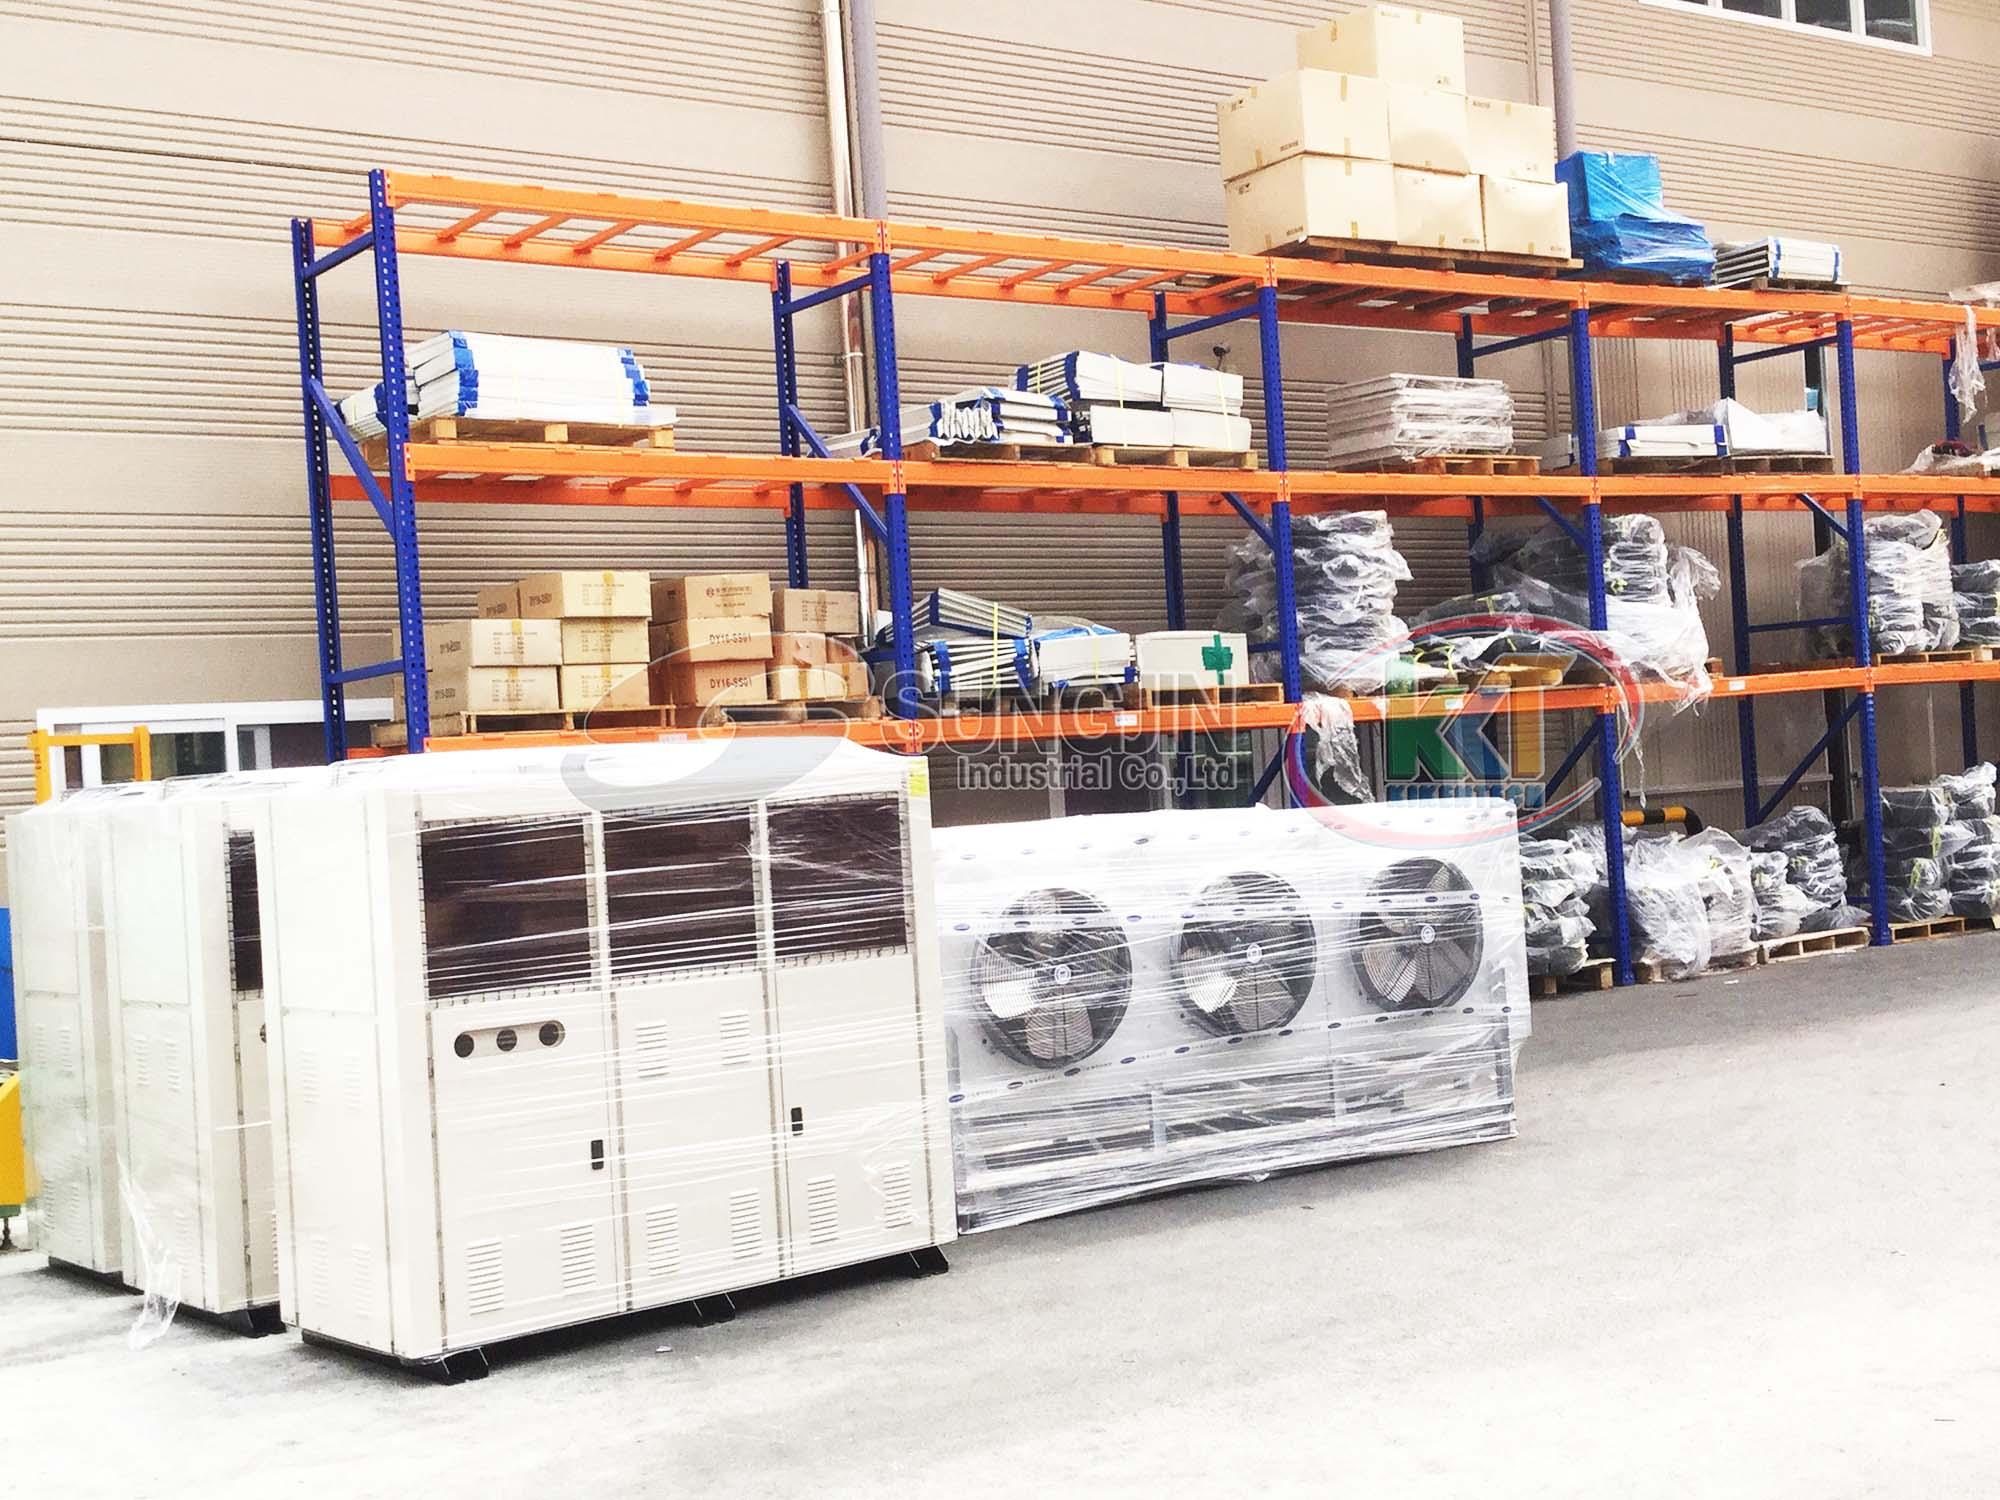 Vì sao các công ty cơ điện lạnh công nghiệp muốn hợp tác với Kikentech?